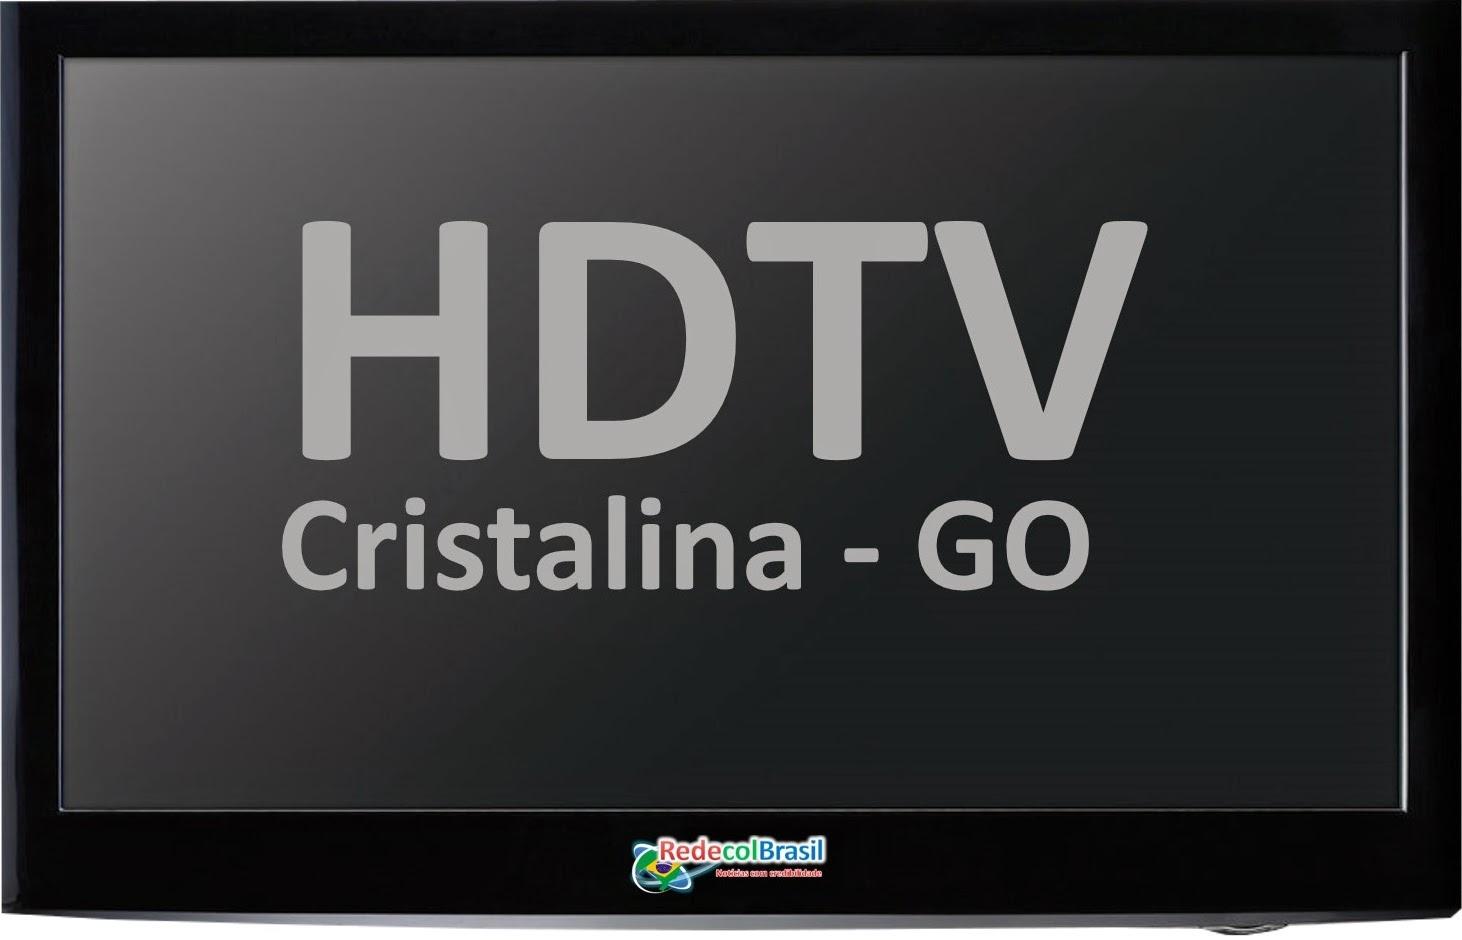 Globo HD, SBT HD, Record HD e Band HD em Cristalina Goiás